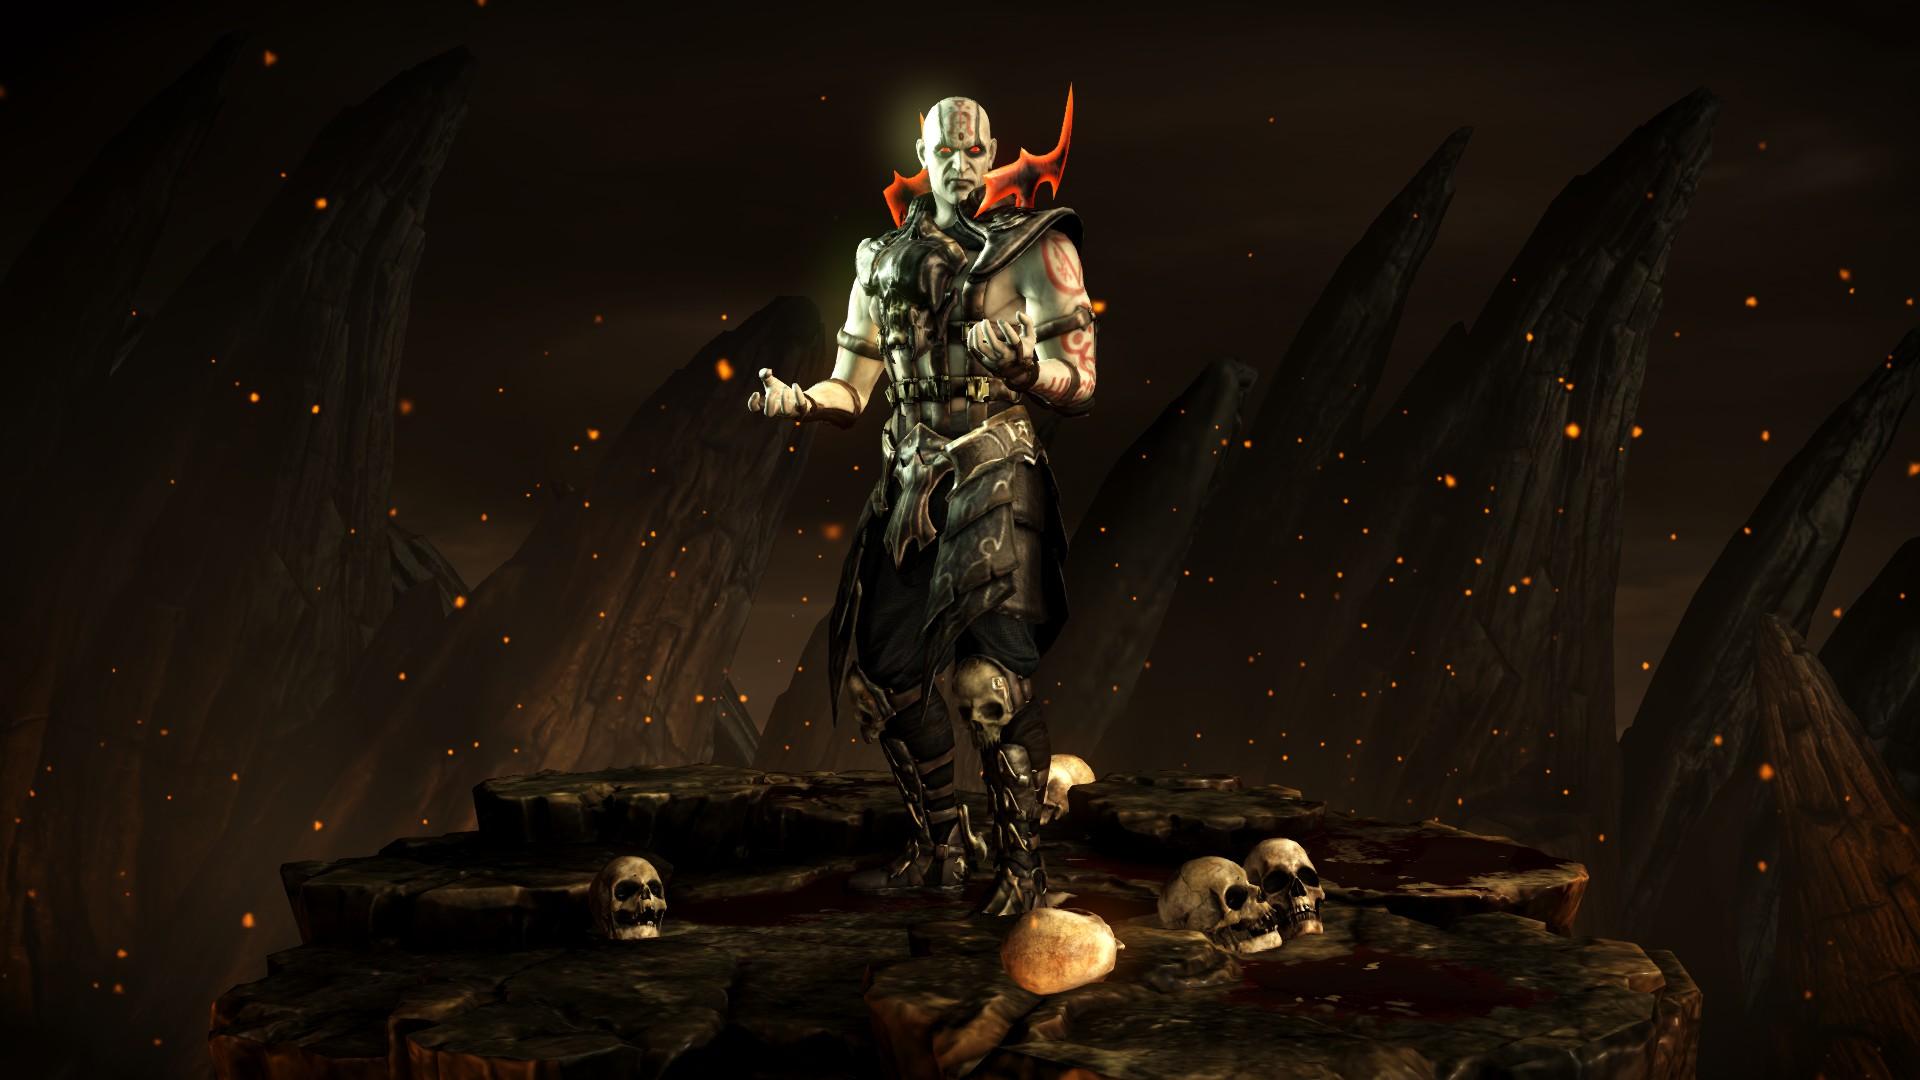 Куан Чи (Стиль: Заклинатель) - Mortal Kombat X Куан Чи